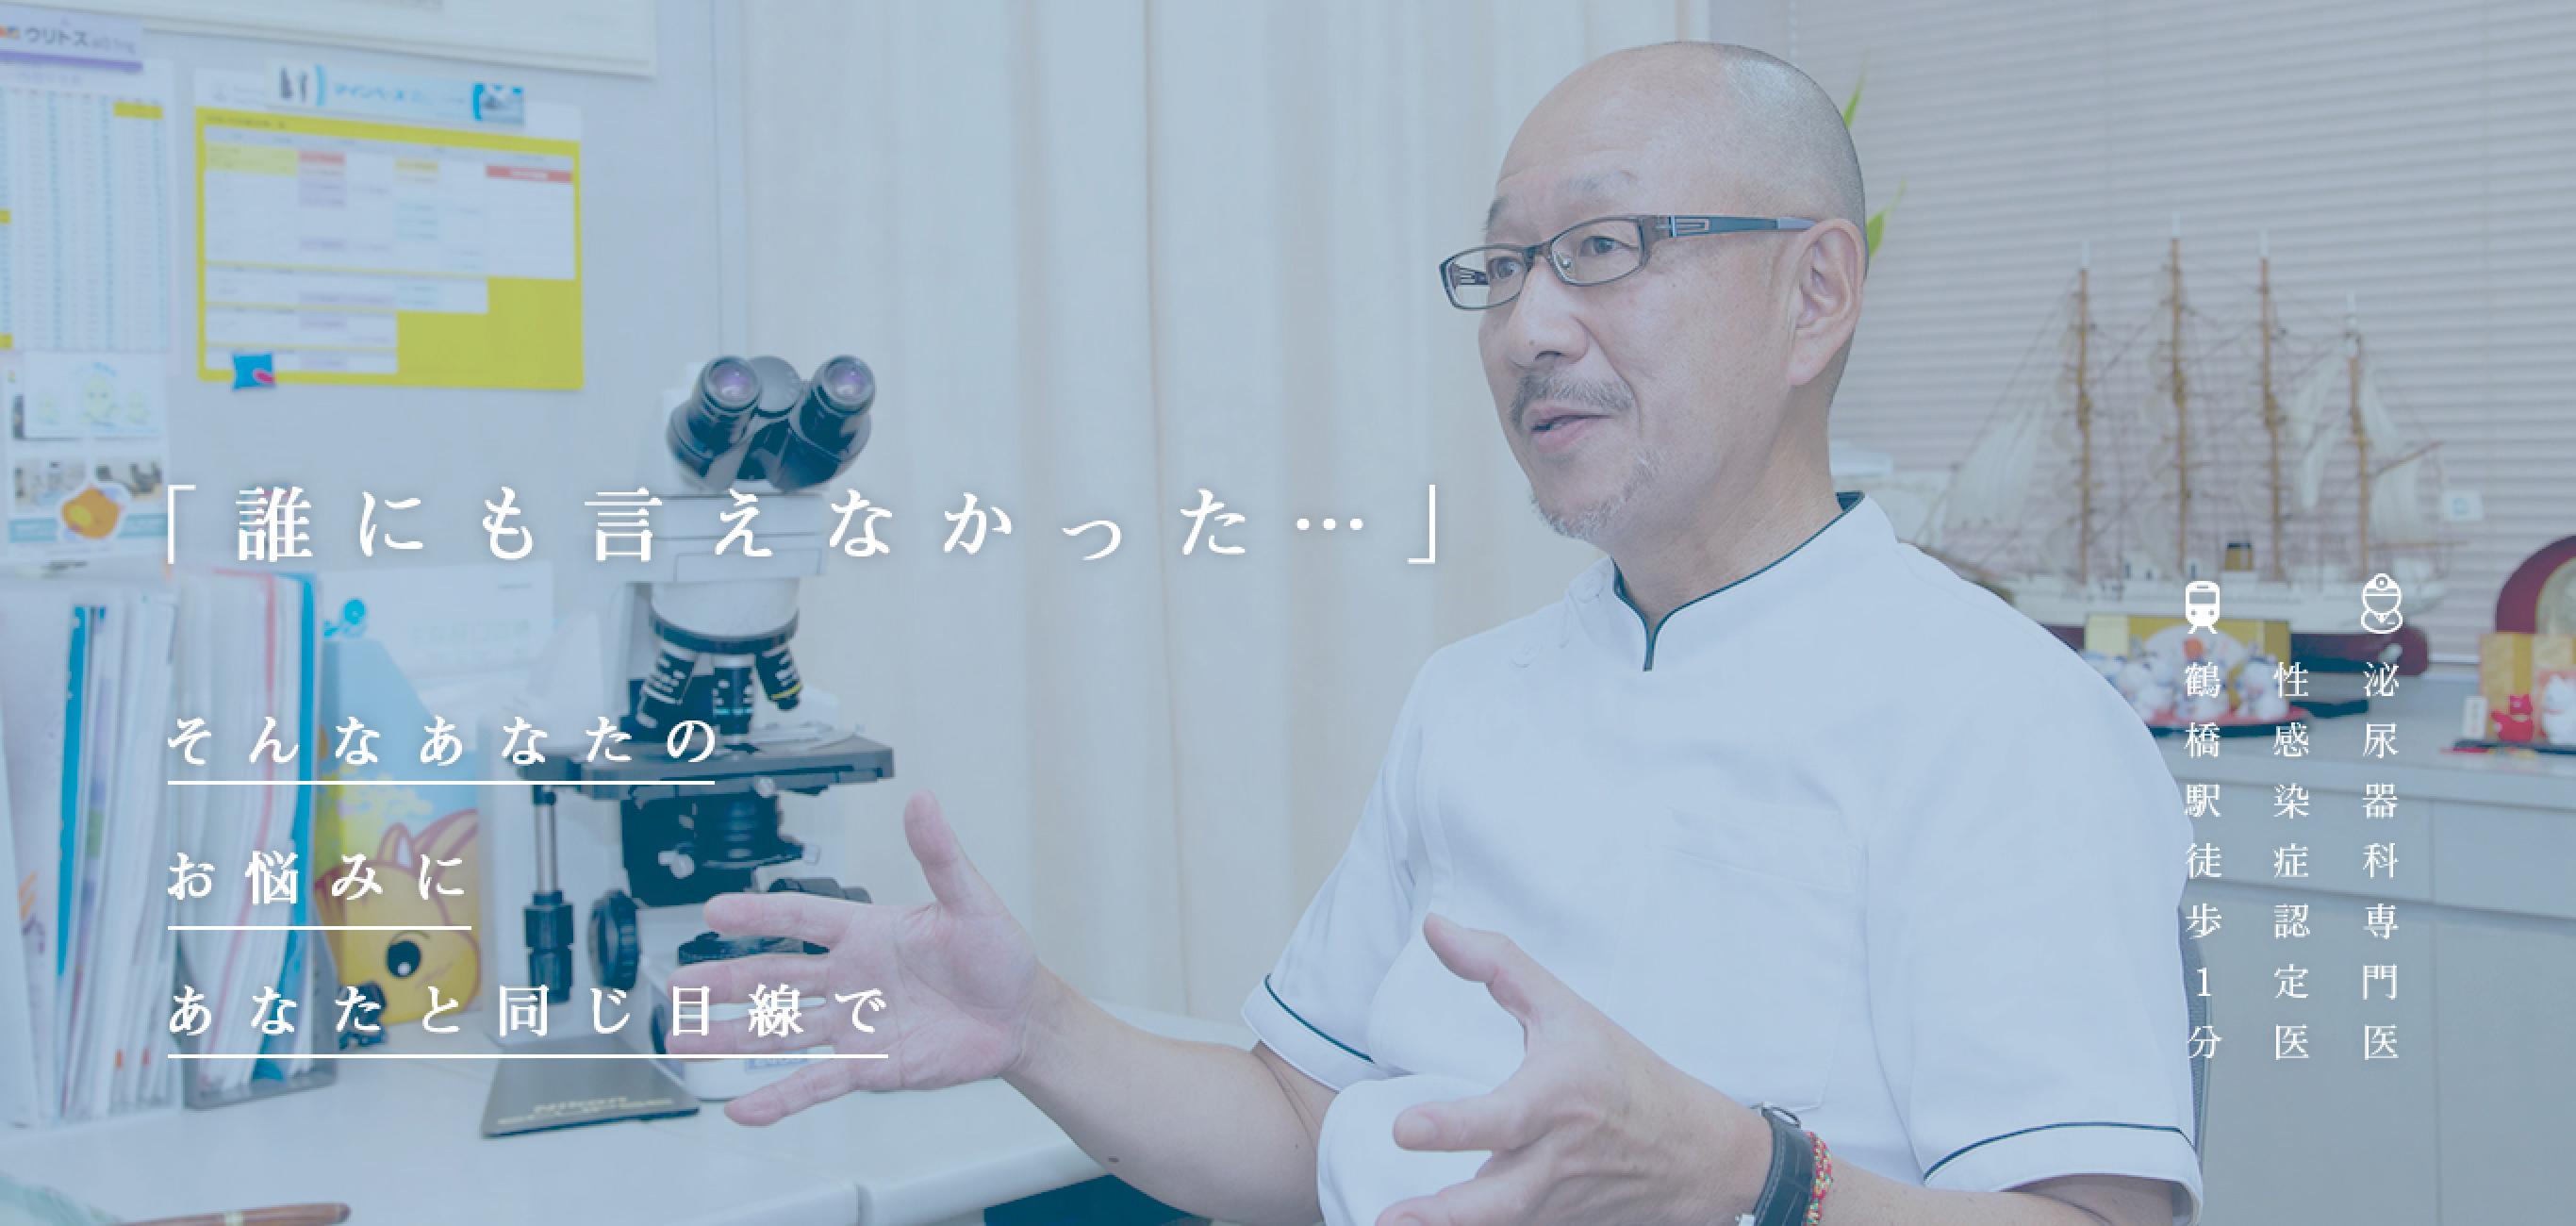 「誰にも言えなかった…」 そんなあなたのお悩みにあなたと同じ目線で 鶴橋駅徒歩1分 泌尿器科専門医 性感染症認定医